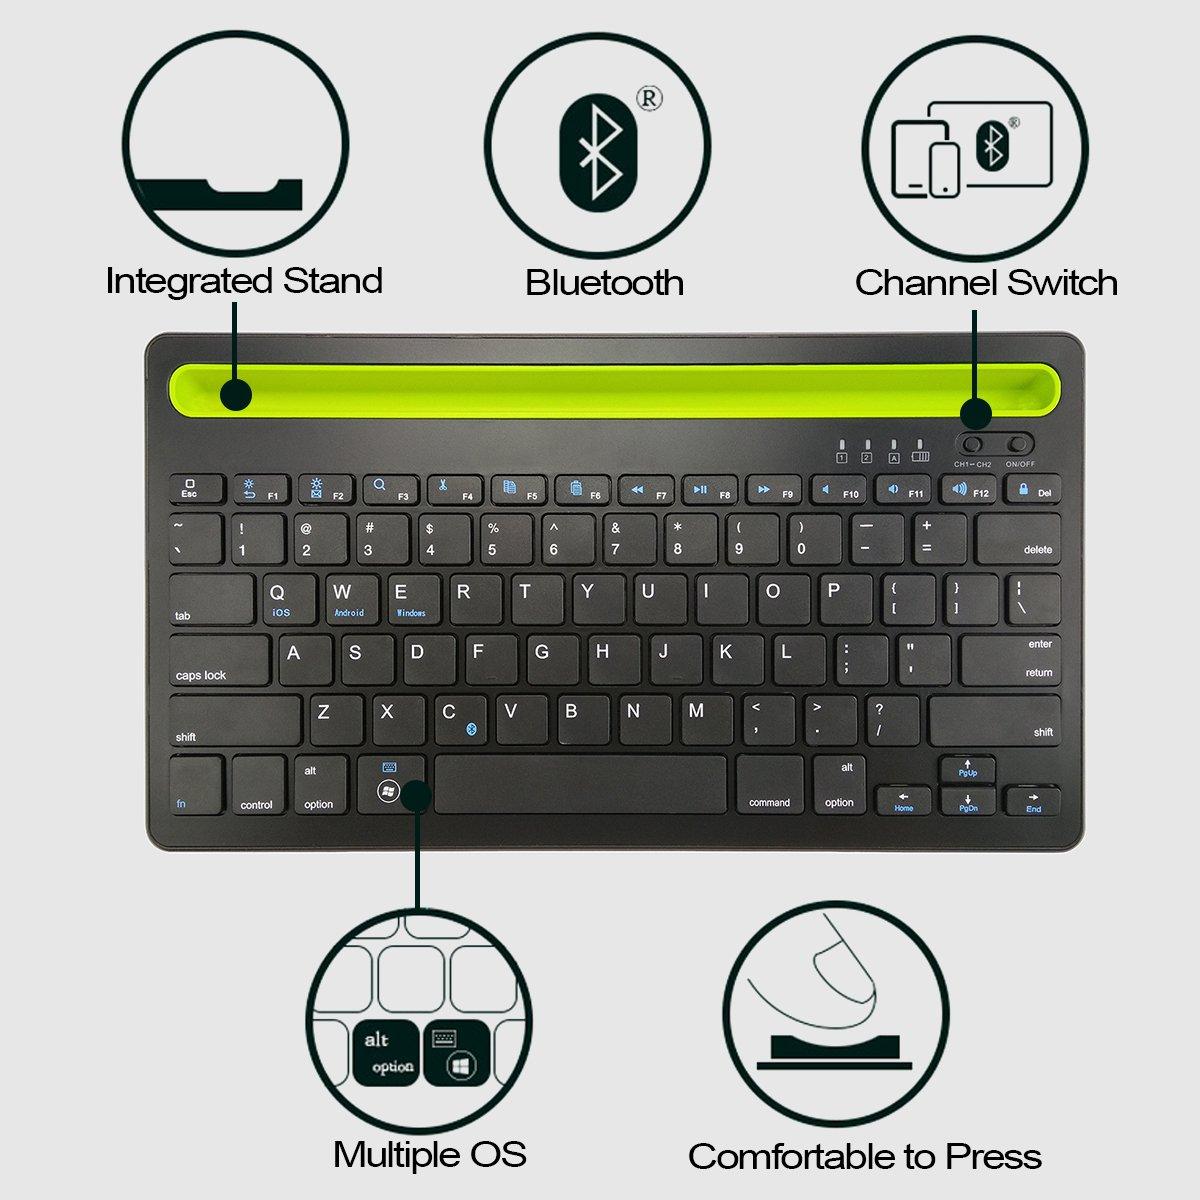 puhong batería inalámbrico teclado Bluetooth 4.0 Android 3.0 IOS WINDOWS XP Windows 7 aplicable a Windows 8 o superior sistema (funda para teléfono, Tablet, ...